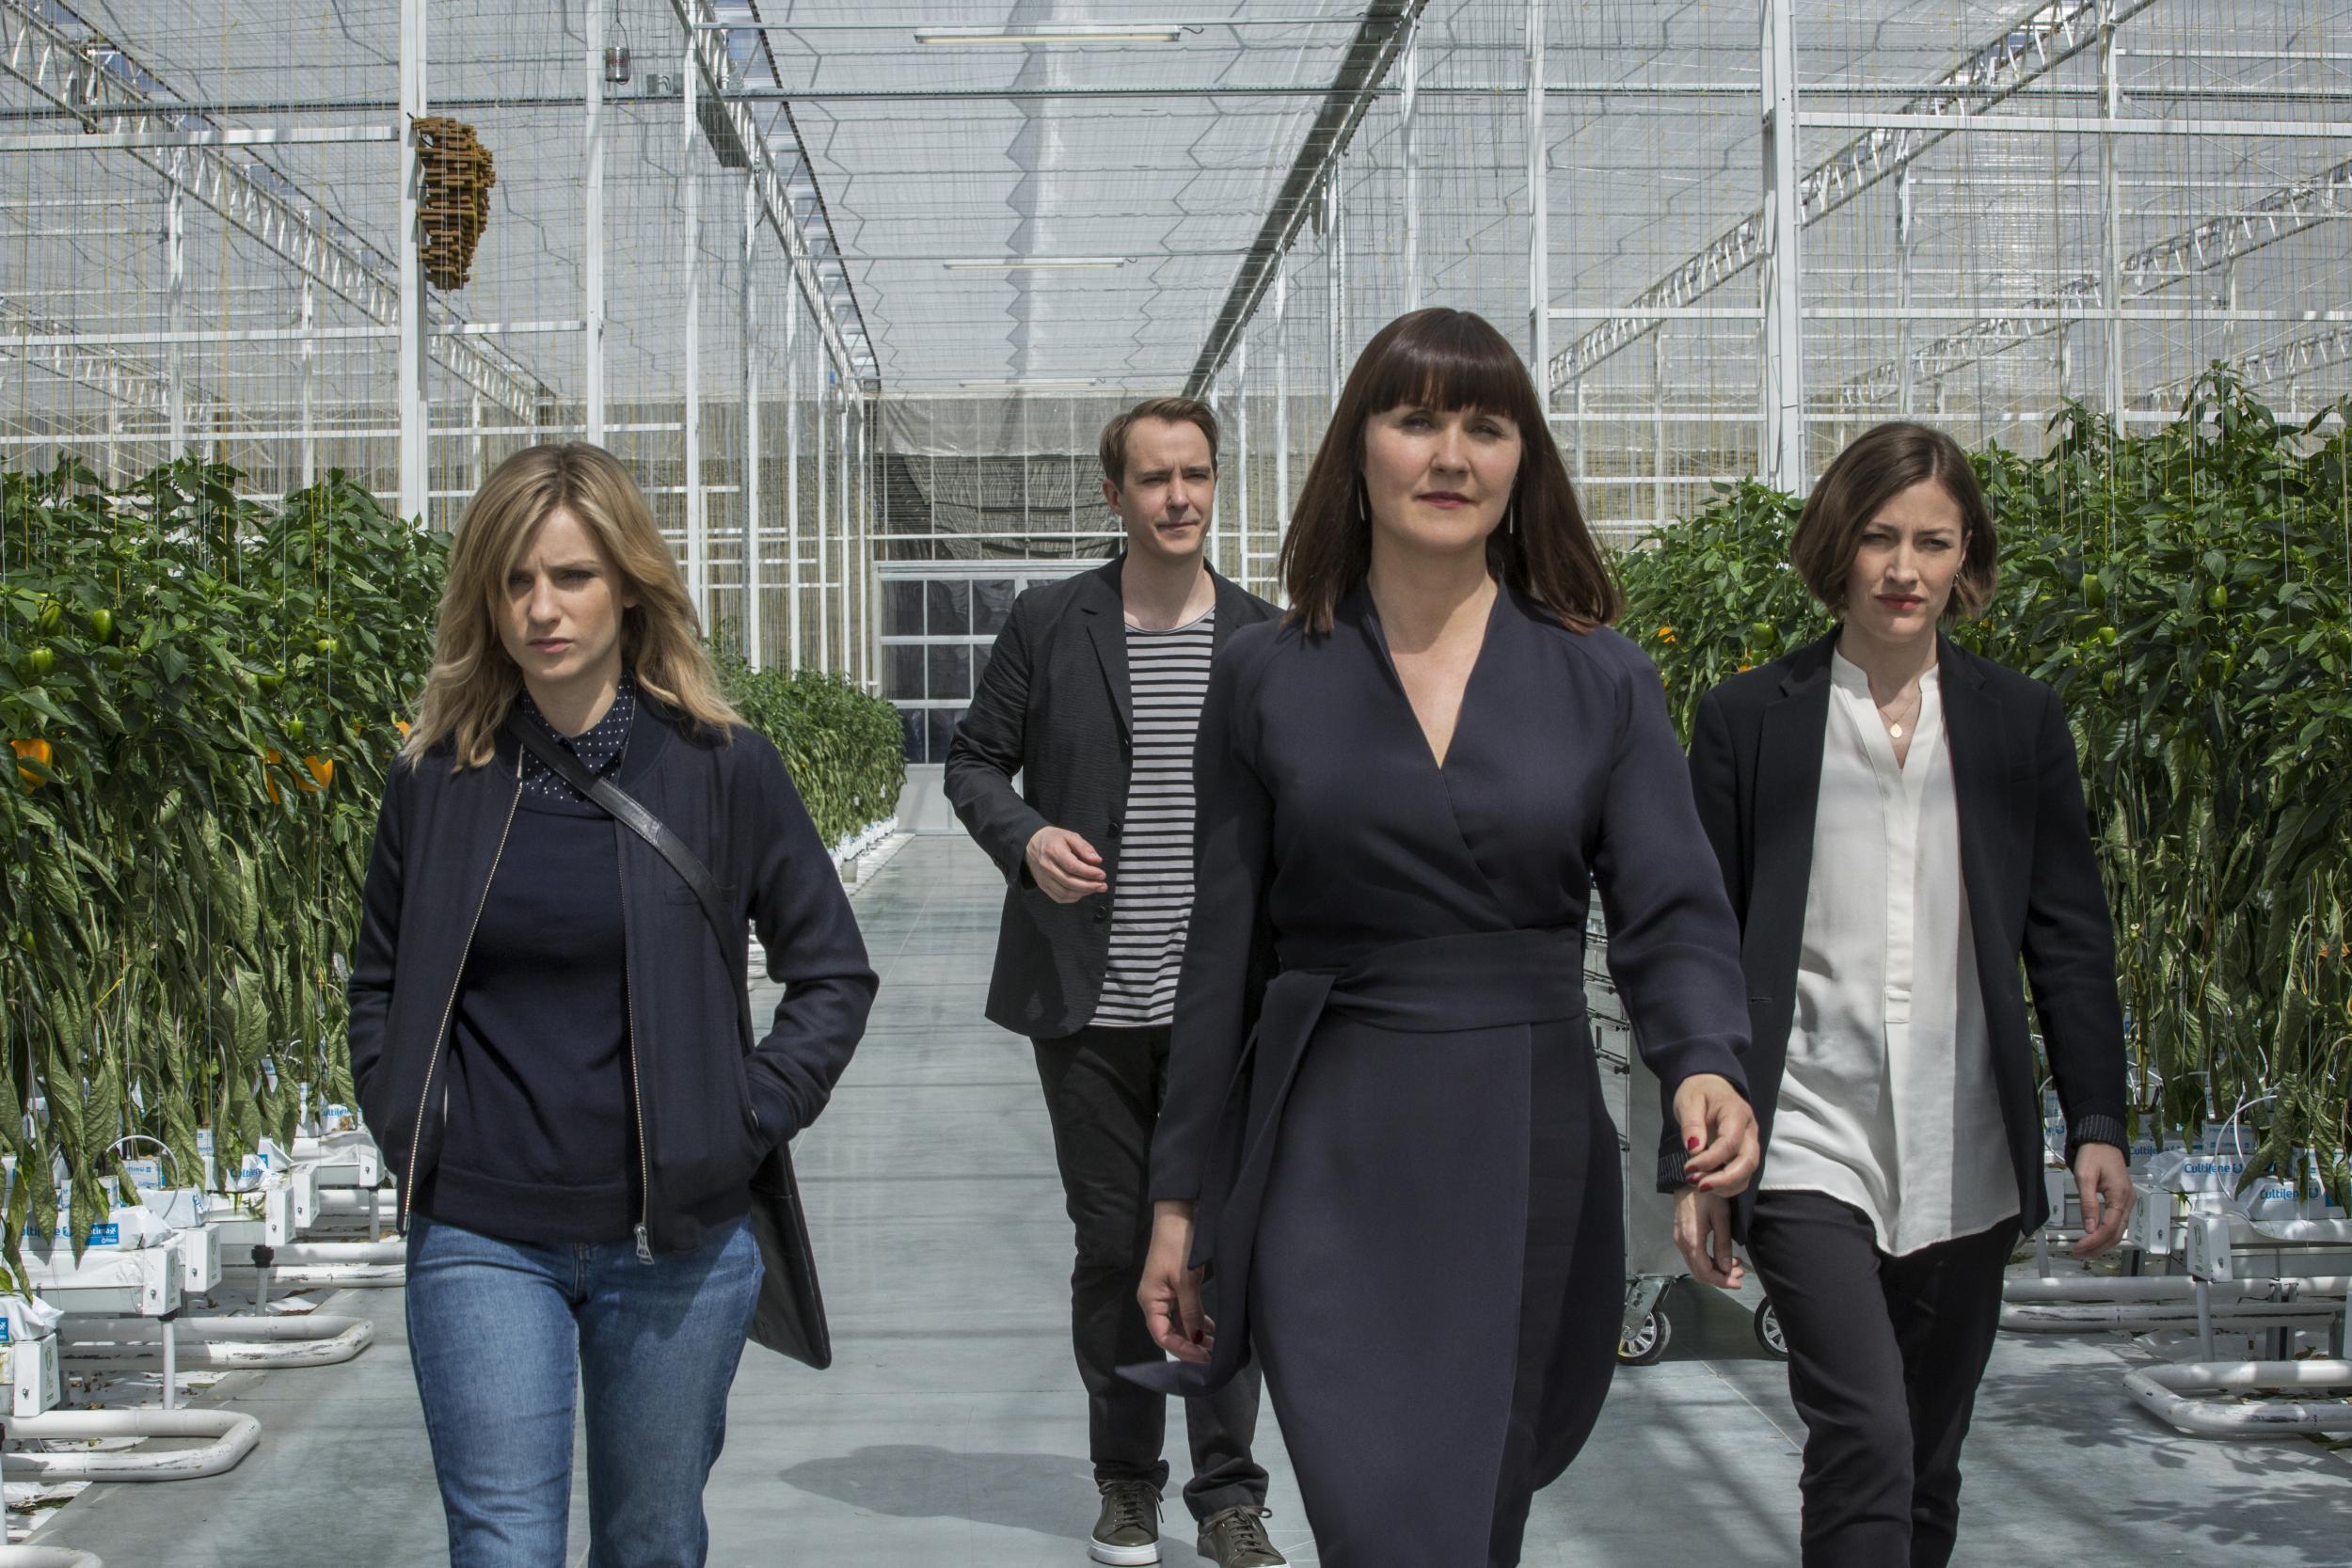 White Christmas Black Mirror Ending.Black Mirror Season 5 Smithereens Review A Thin Premise